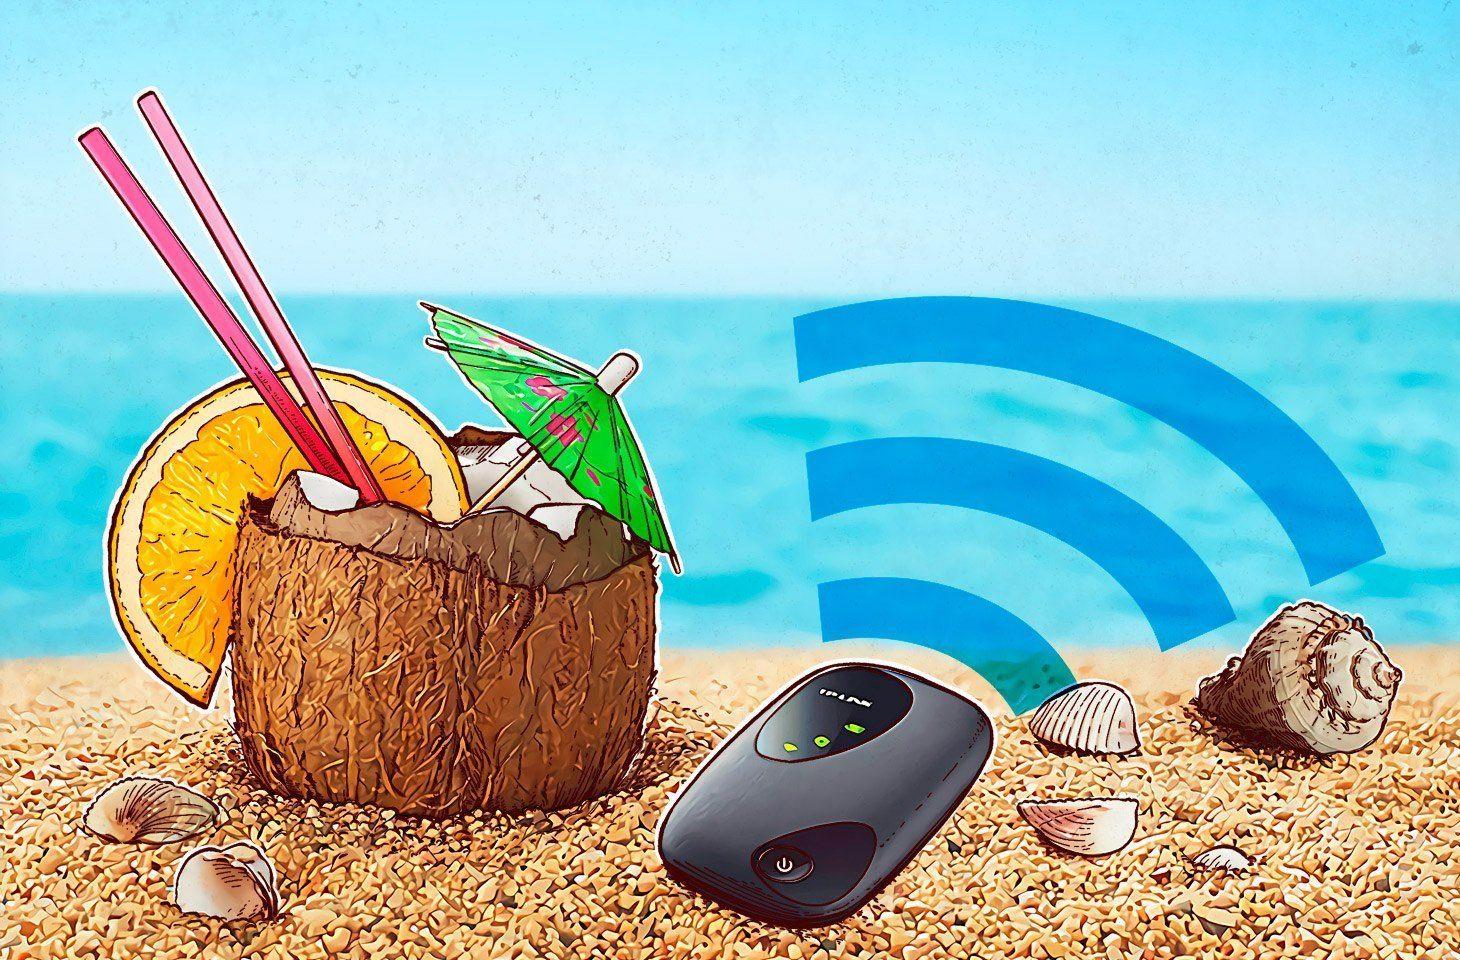 kaspersky les routeurs wi fi de voyage sont ils surs - Kaspersky: Les routeurs Wi-Fi de voyage sont-ils sûrs ?